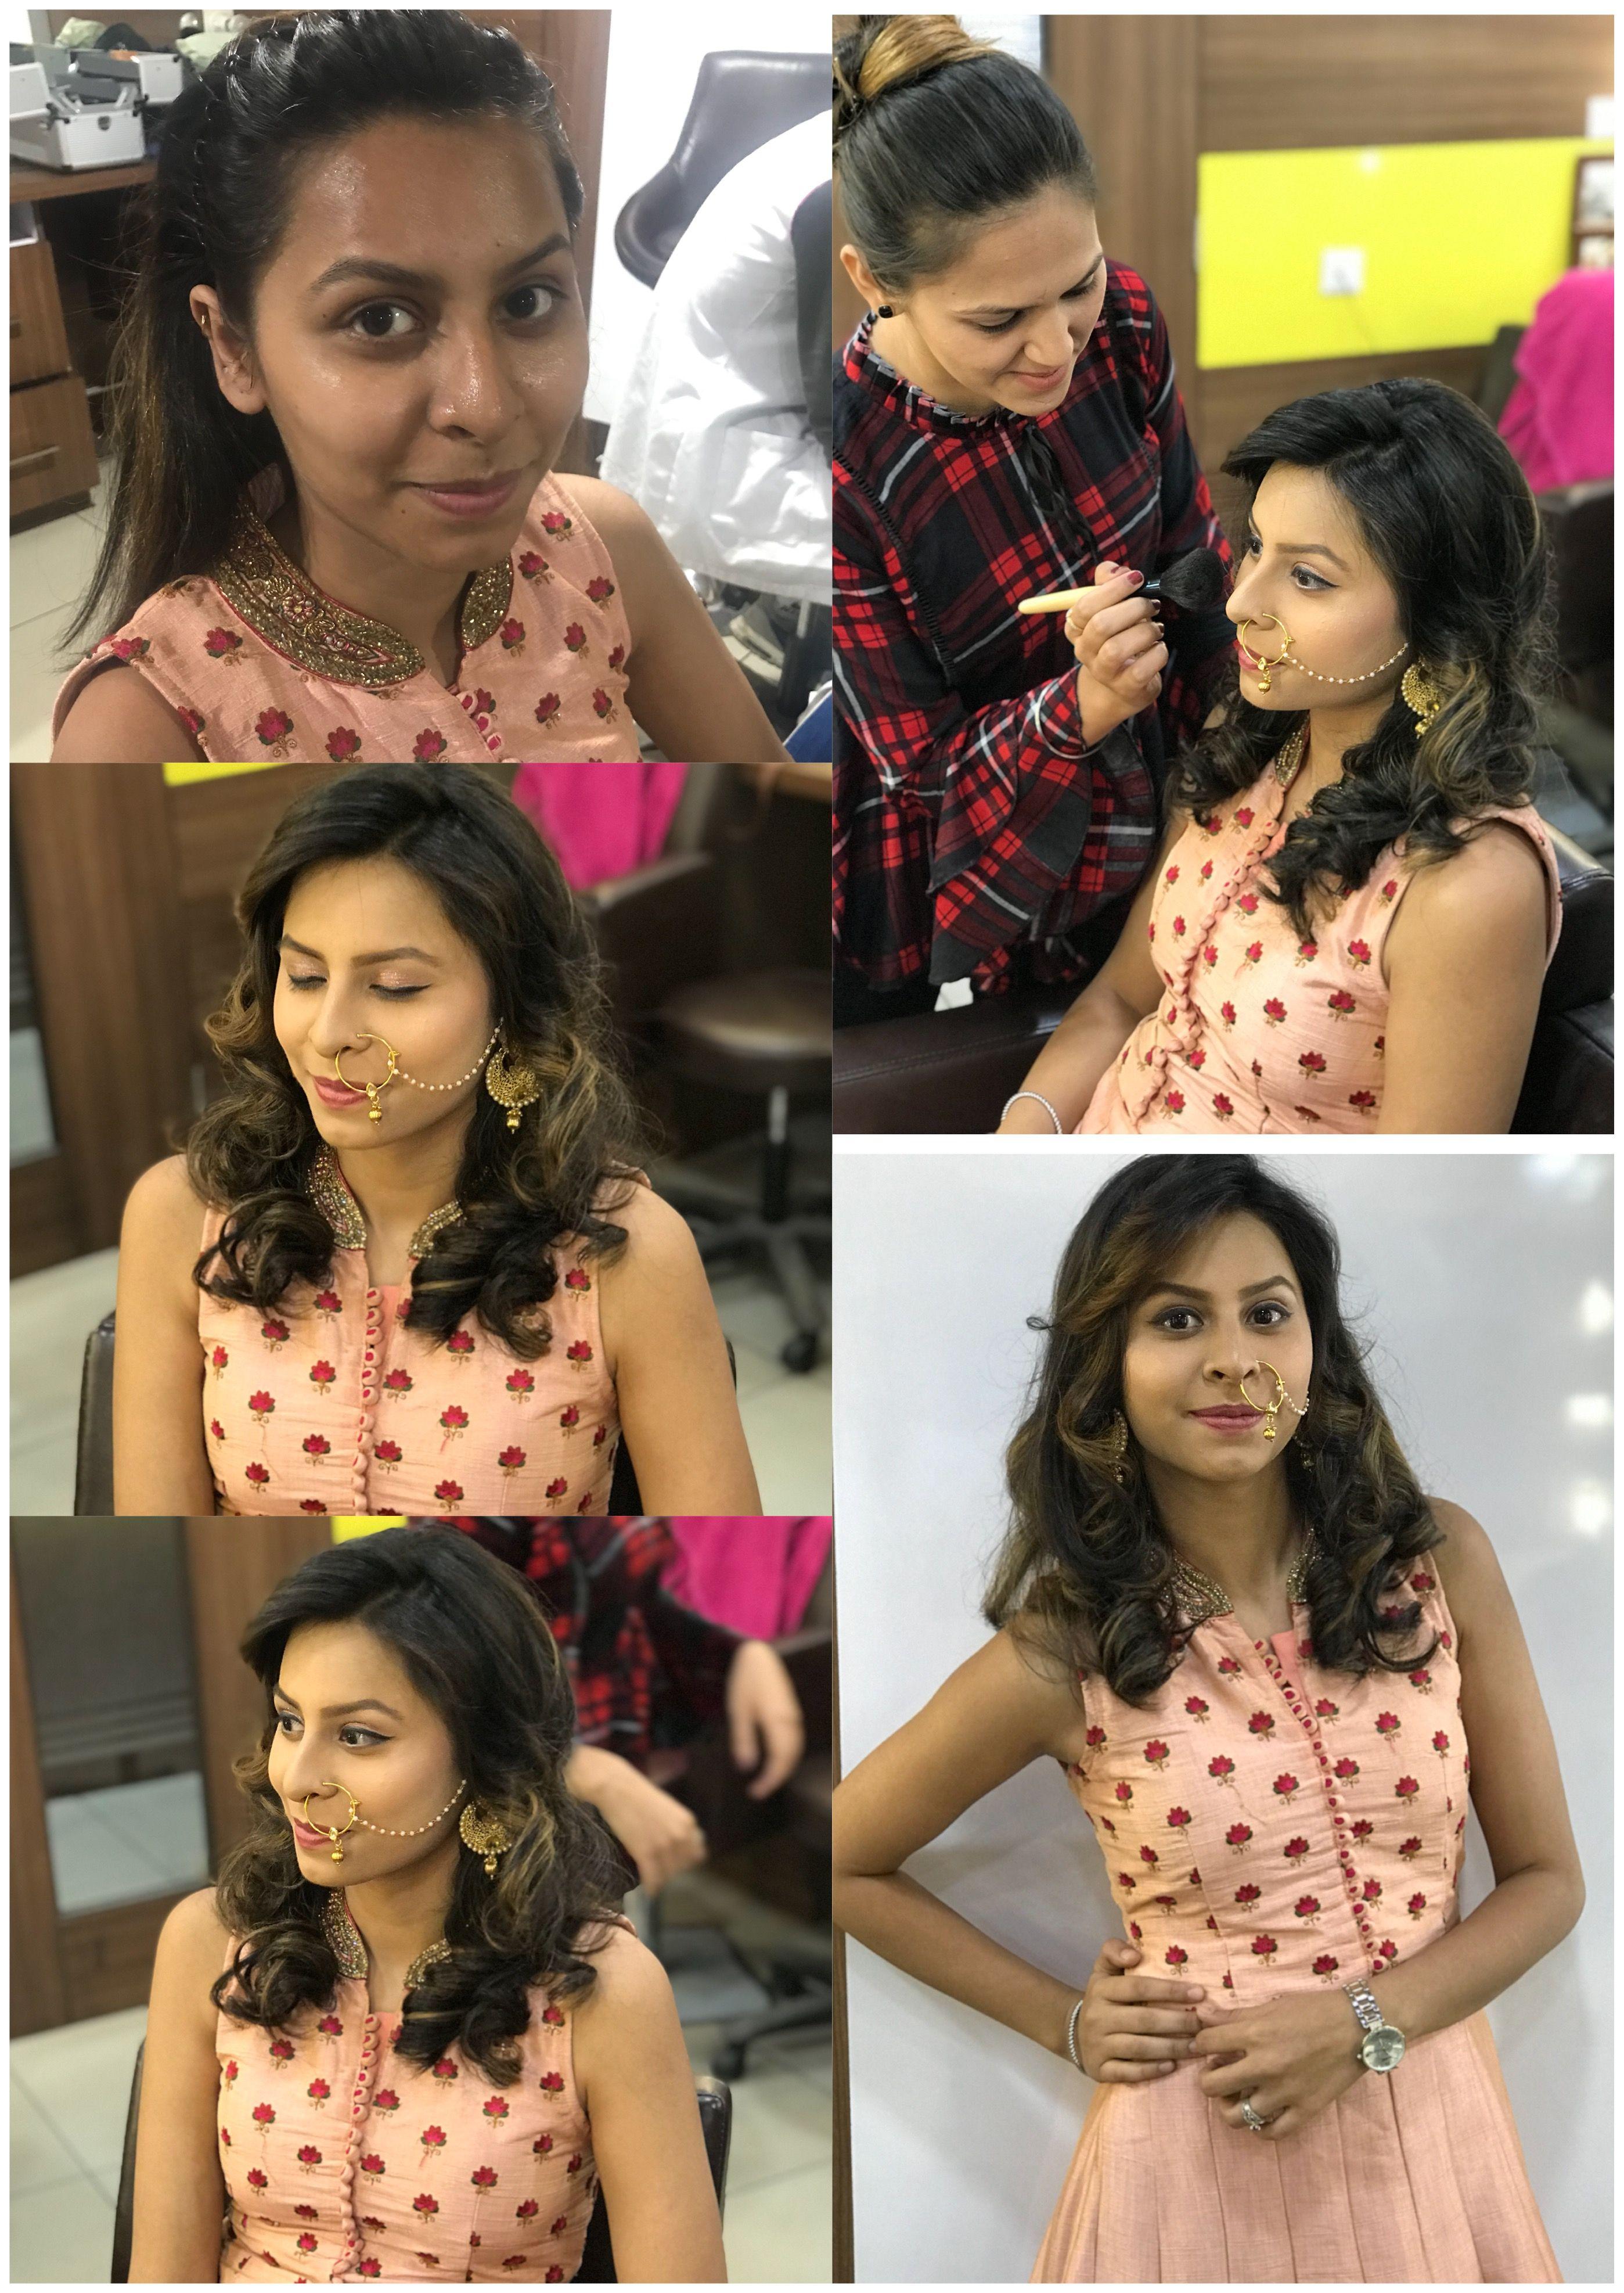 Best Beauty Institute in Ludhiana Beauty courses